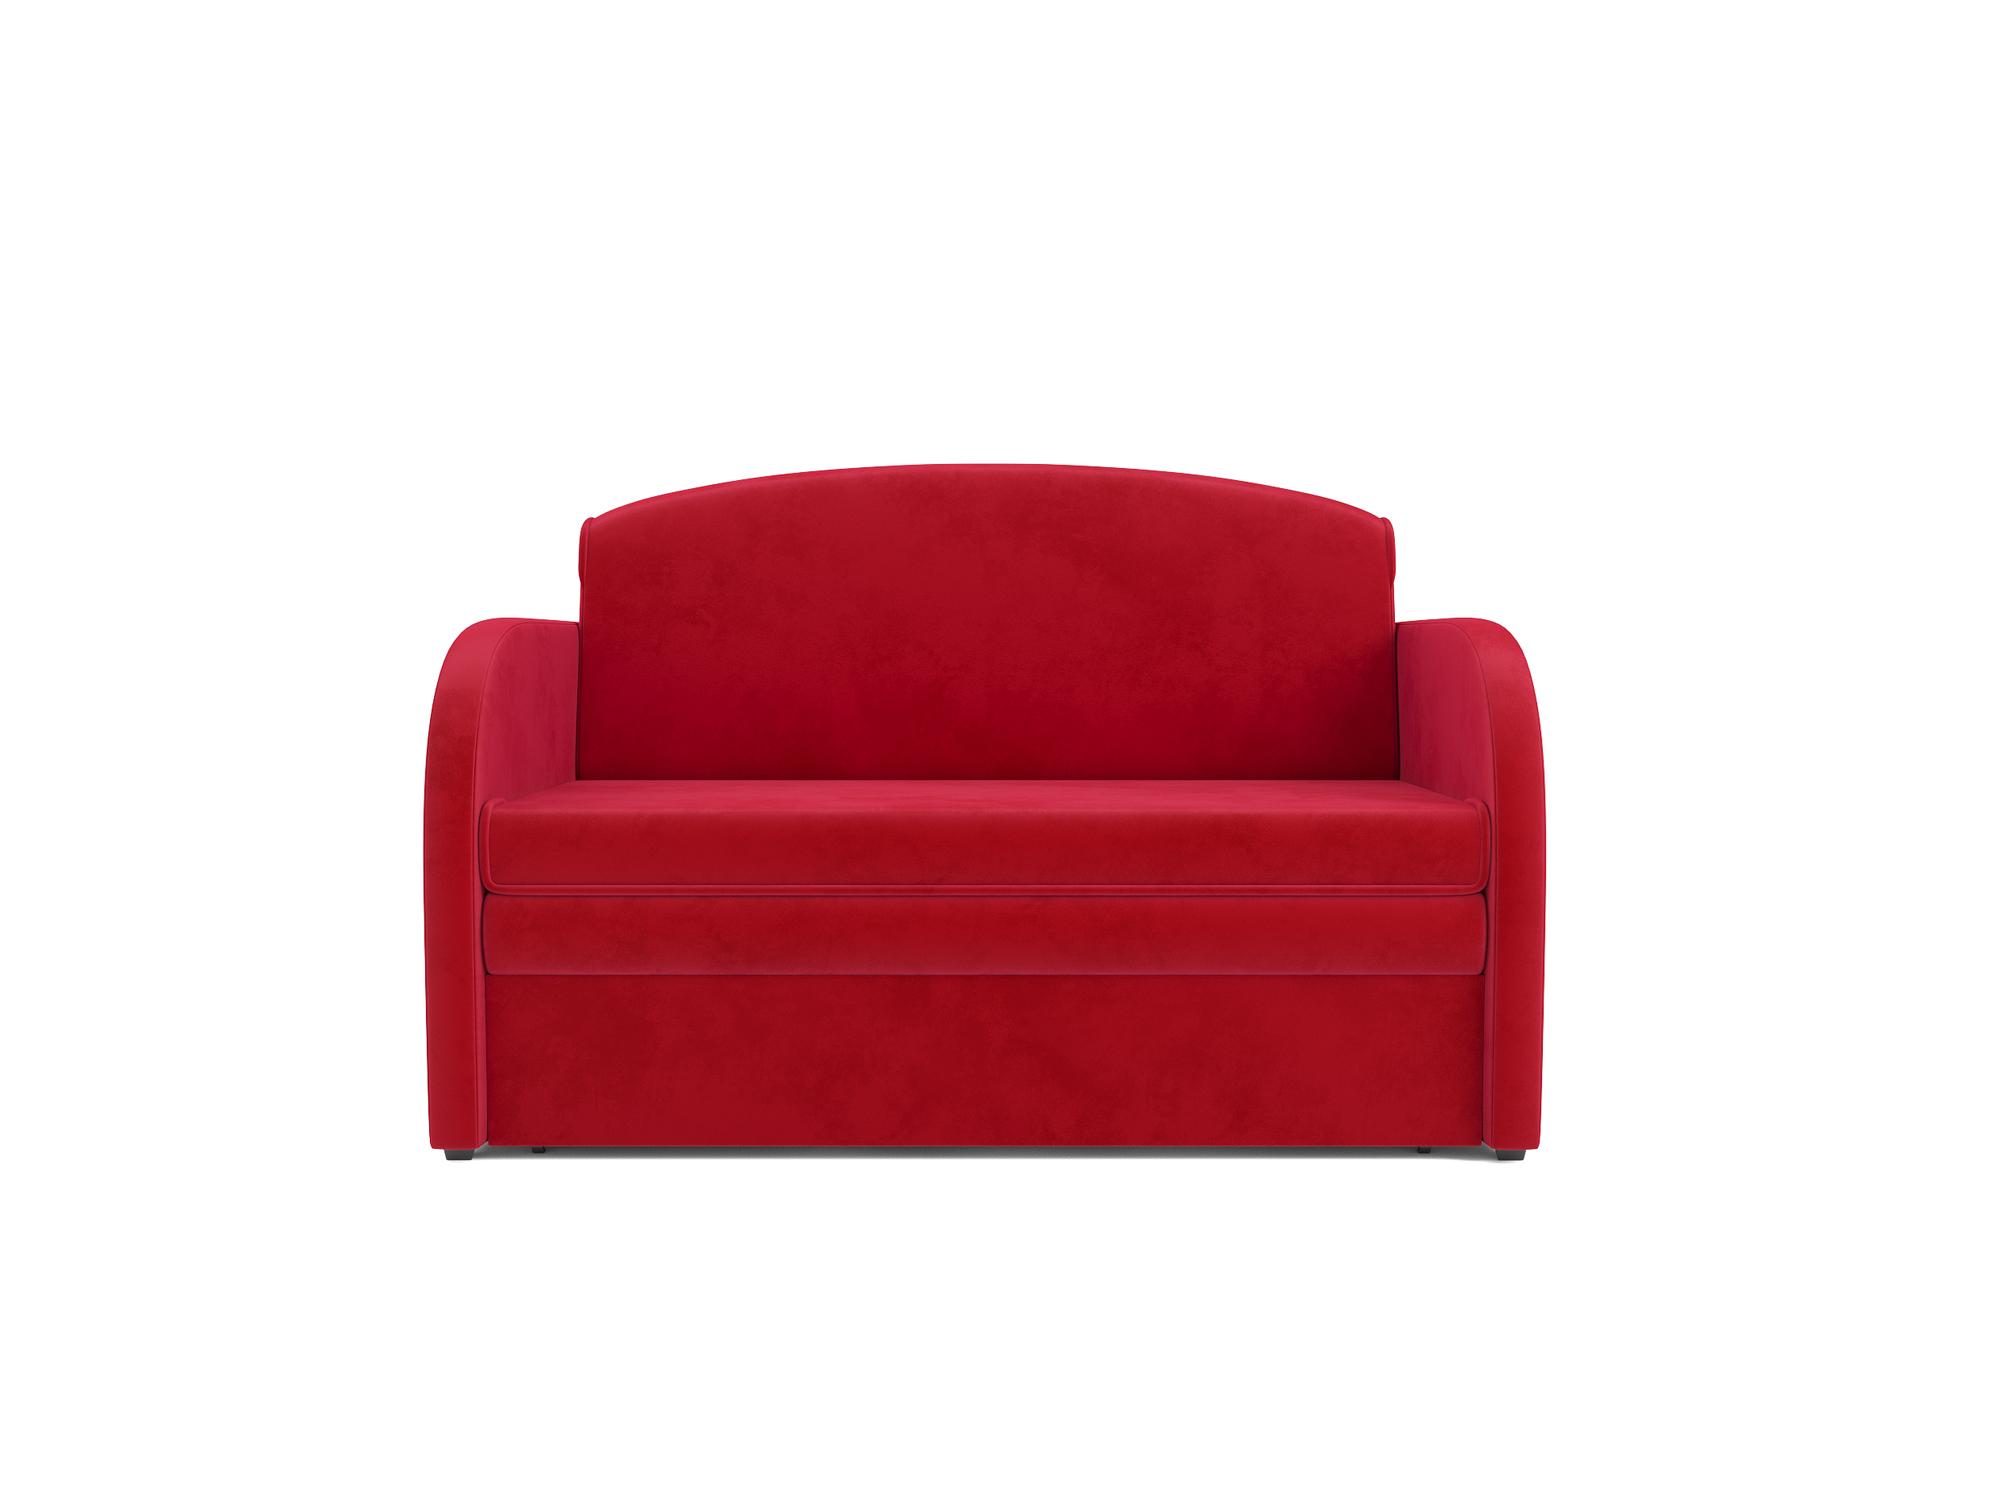 Фото - Диван Малютка MebelVia Красный, Микровелюр, Брус сосны диван мальтида mebelvia красный микровелюр брус сосны